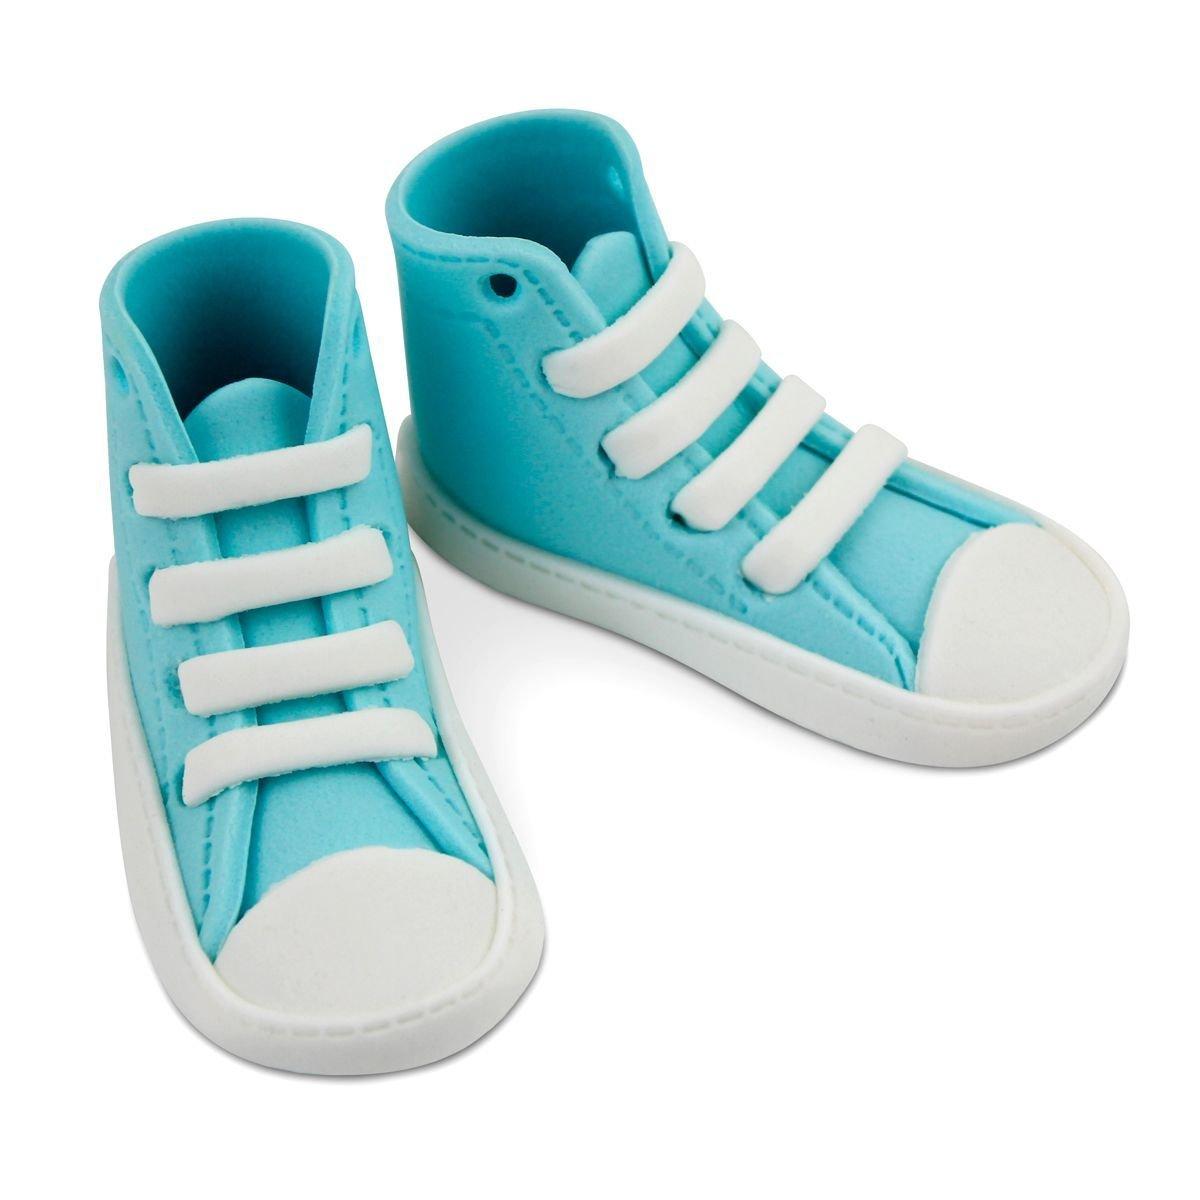 SALE!!! PME Edibles -Βρώσιμα Ζαχαρένια Μπλε Αθλητικά Παπούτσια  ΑΝΑΛΩΣΗ ΚΑΤΑ ΠΡΟΤΙΜΗΣΗ 09/2020